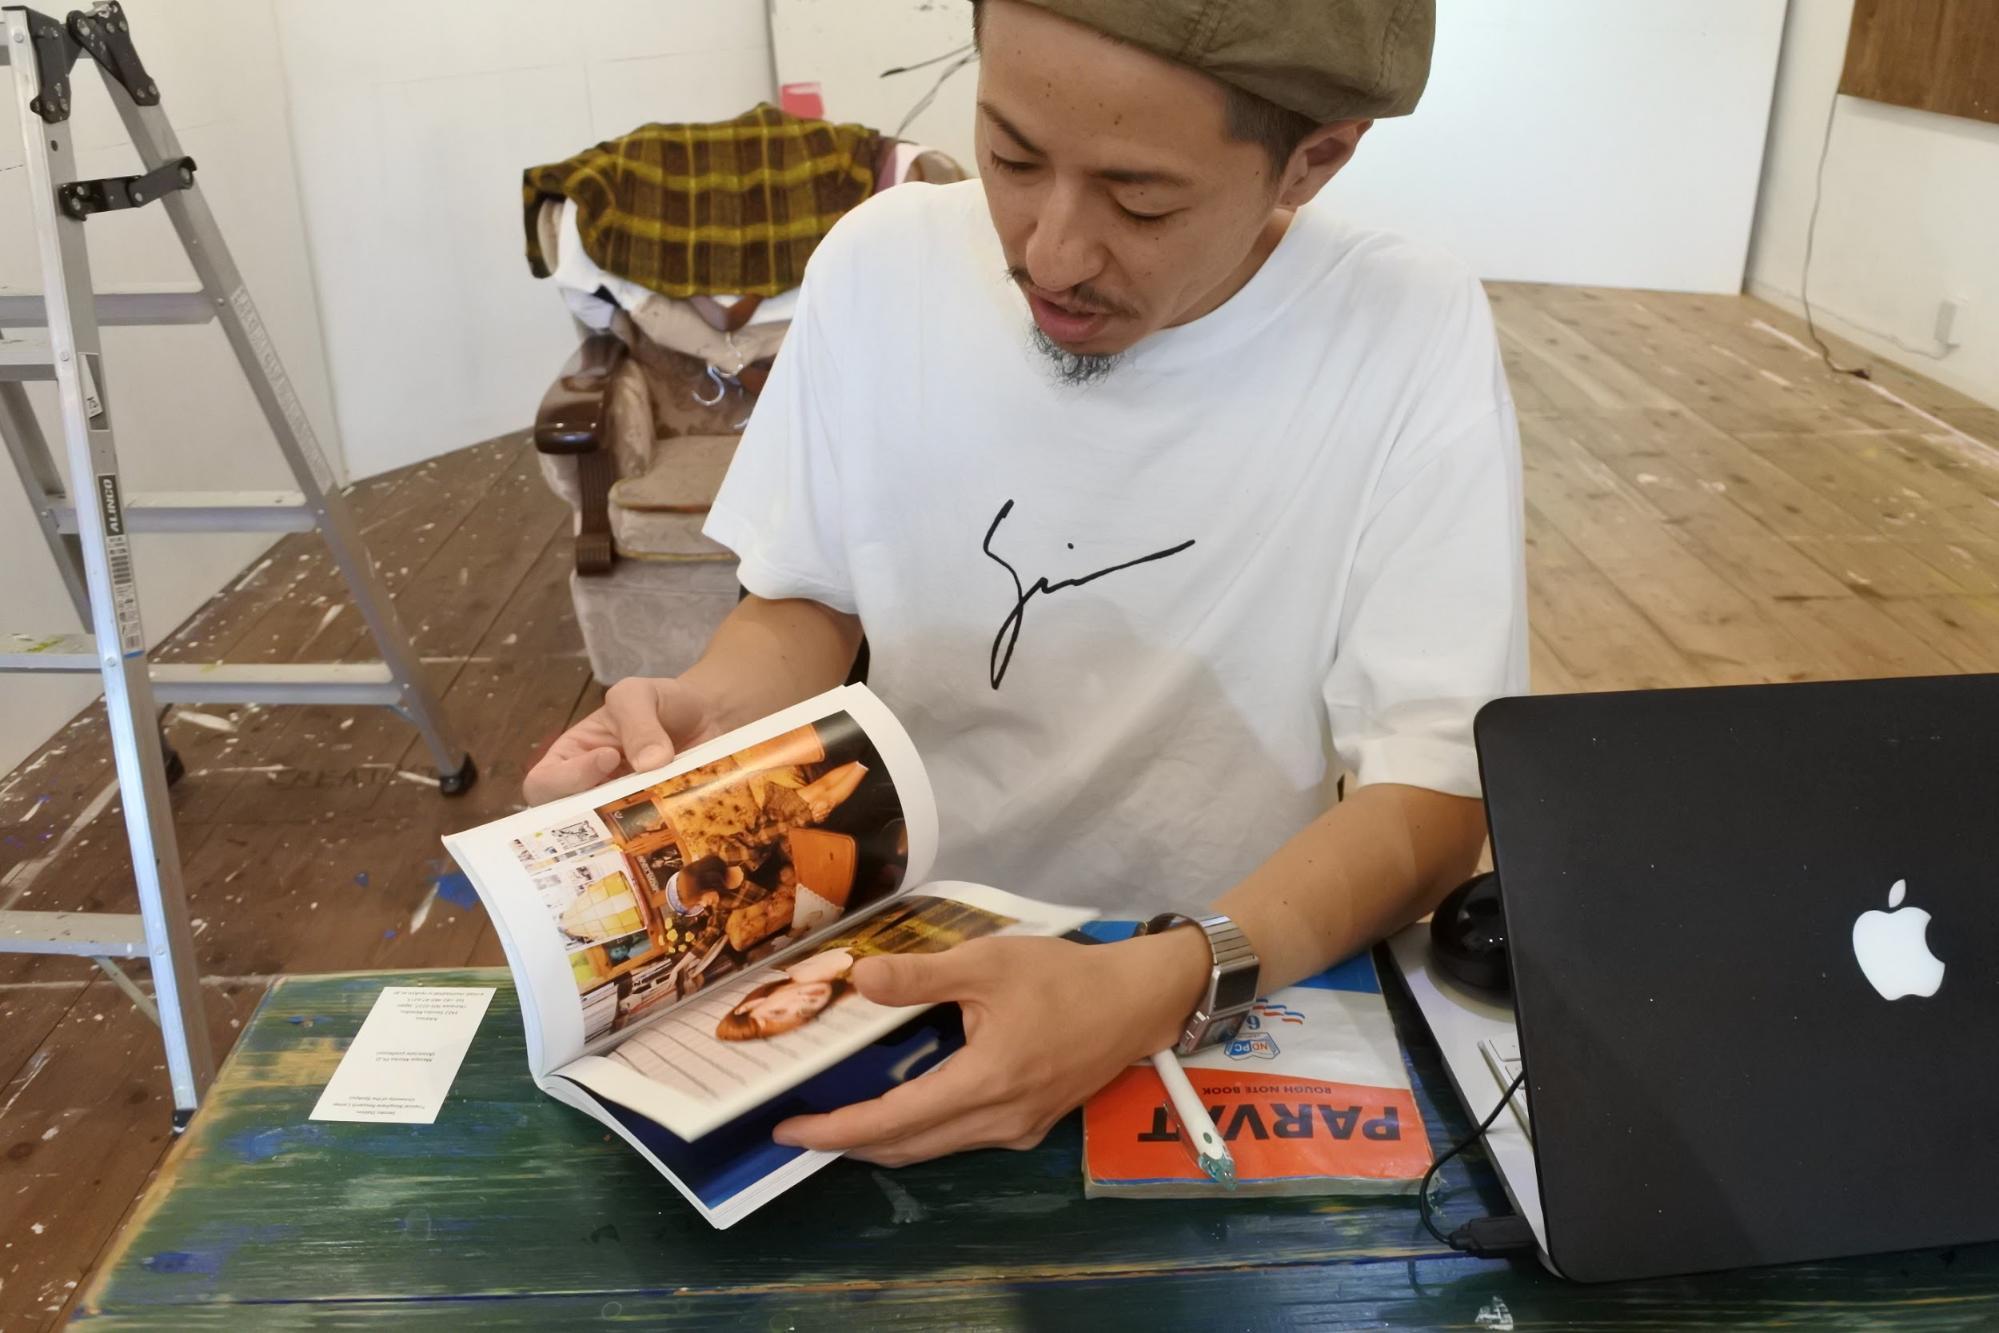 展覧会での写真集を手に | Photo by Masaya Morita